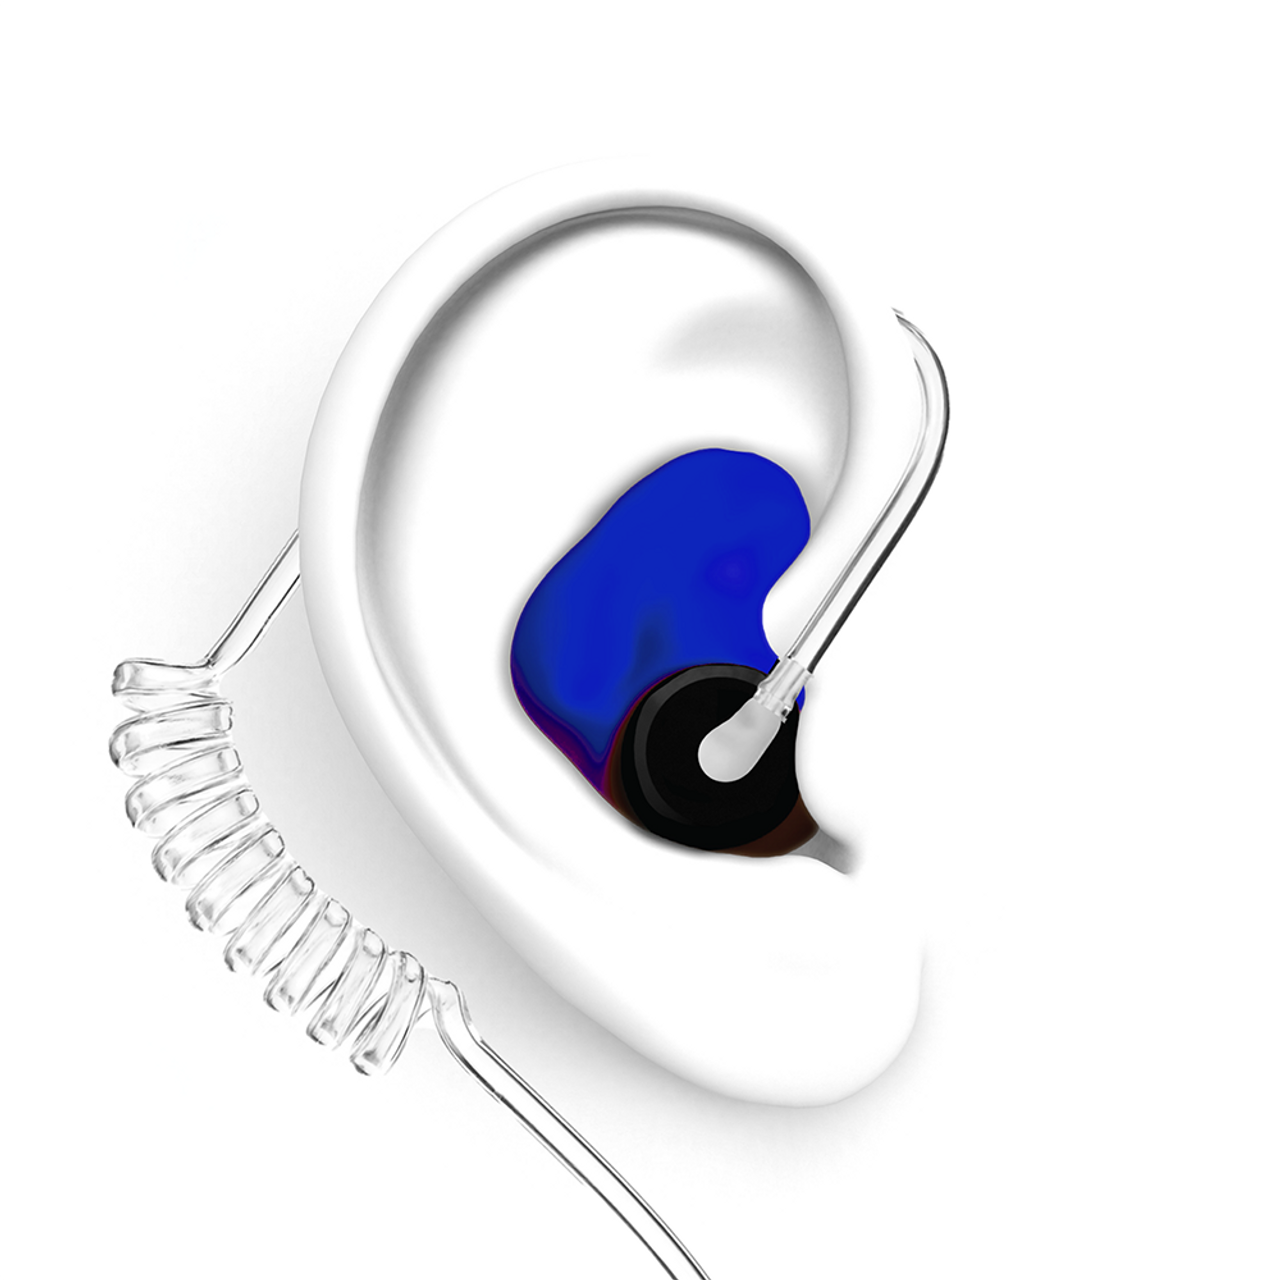 DECIBULLZ Blue Two Way Radio Headset Ear Plug